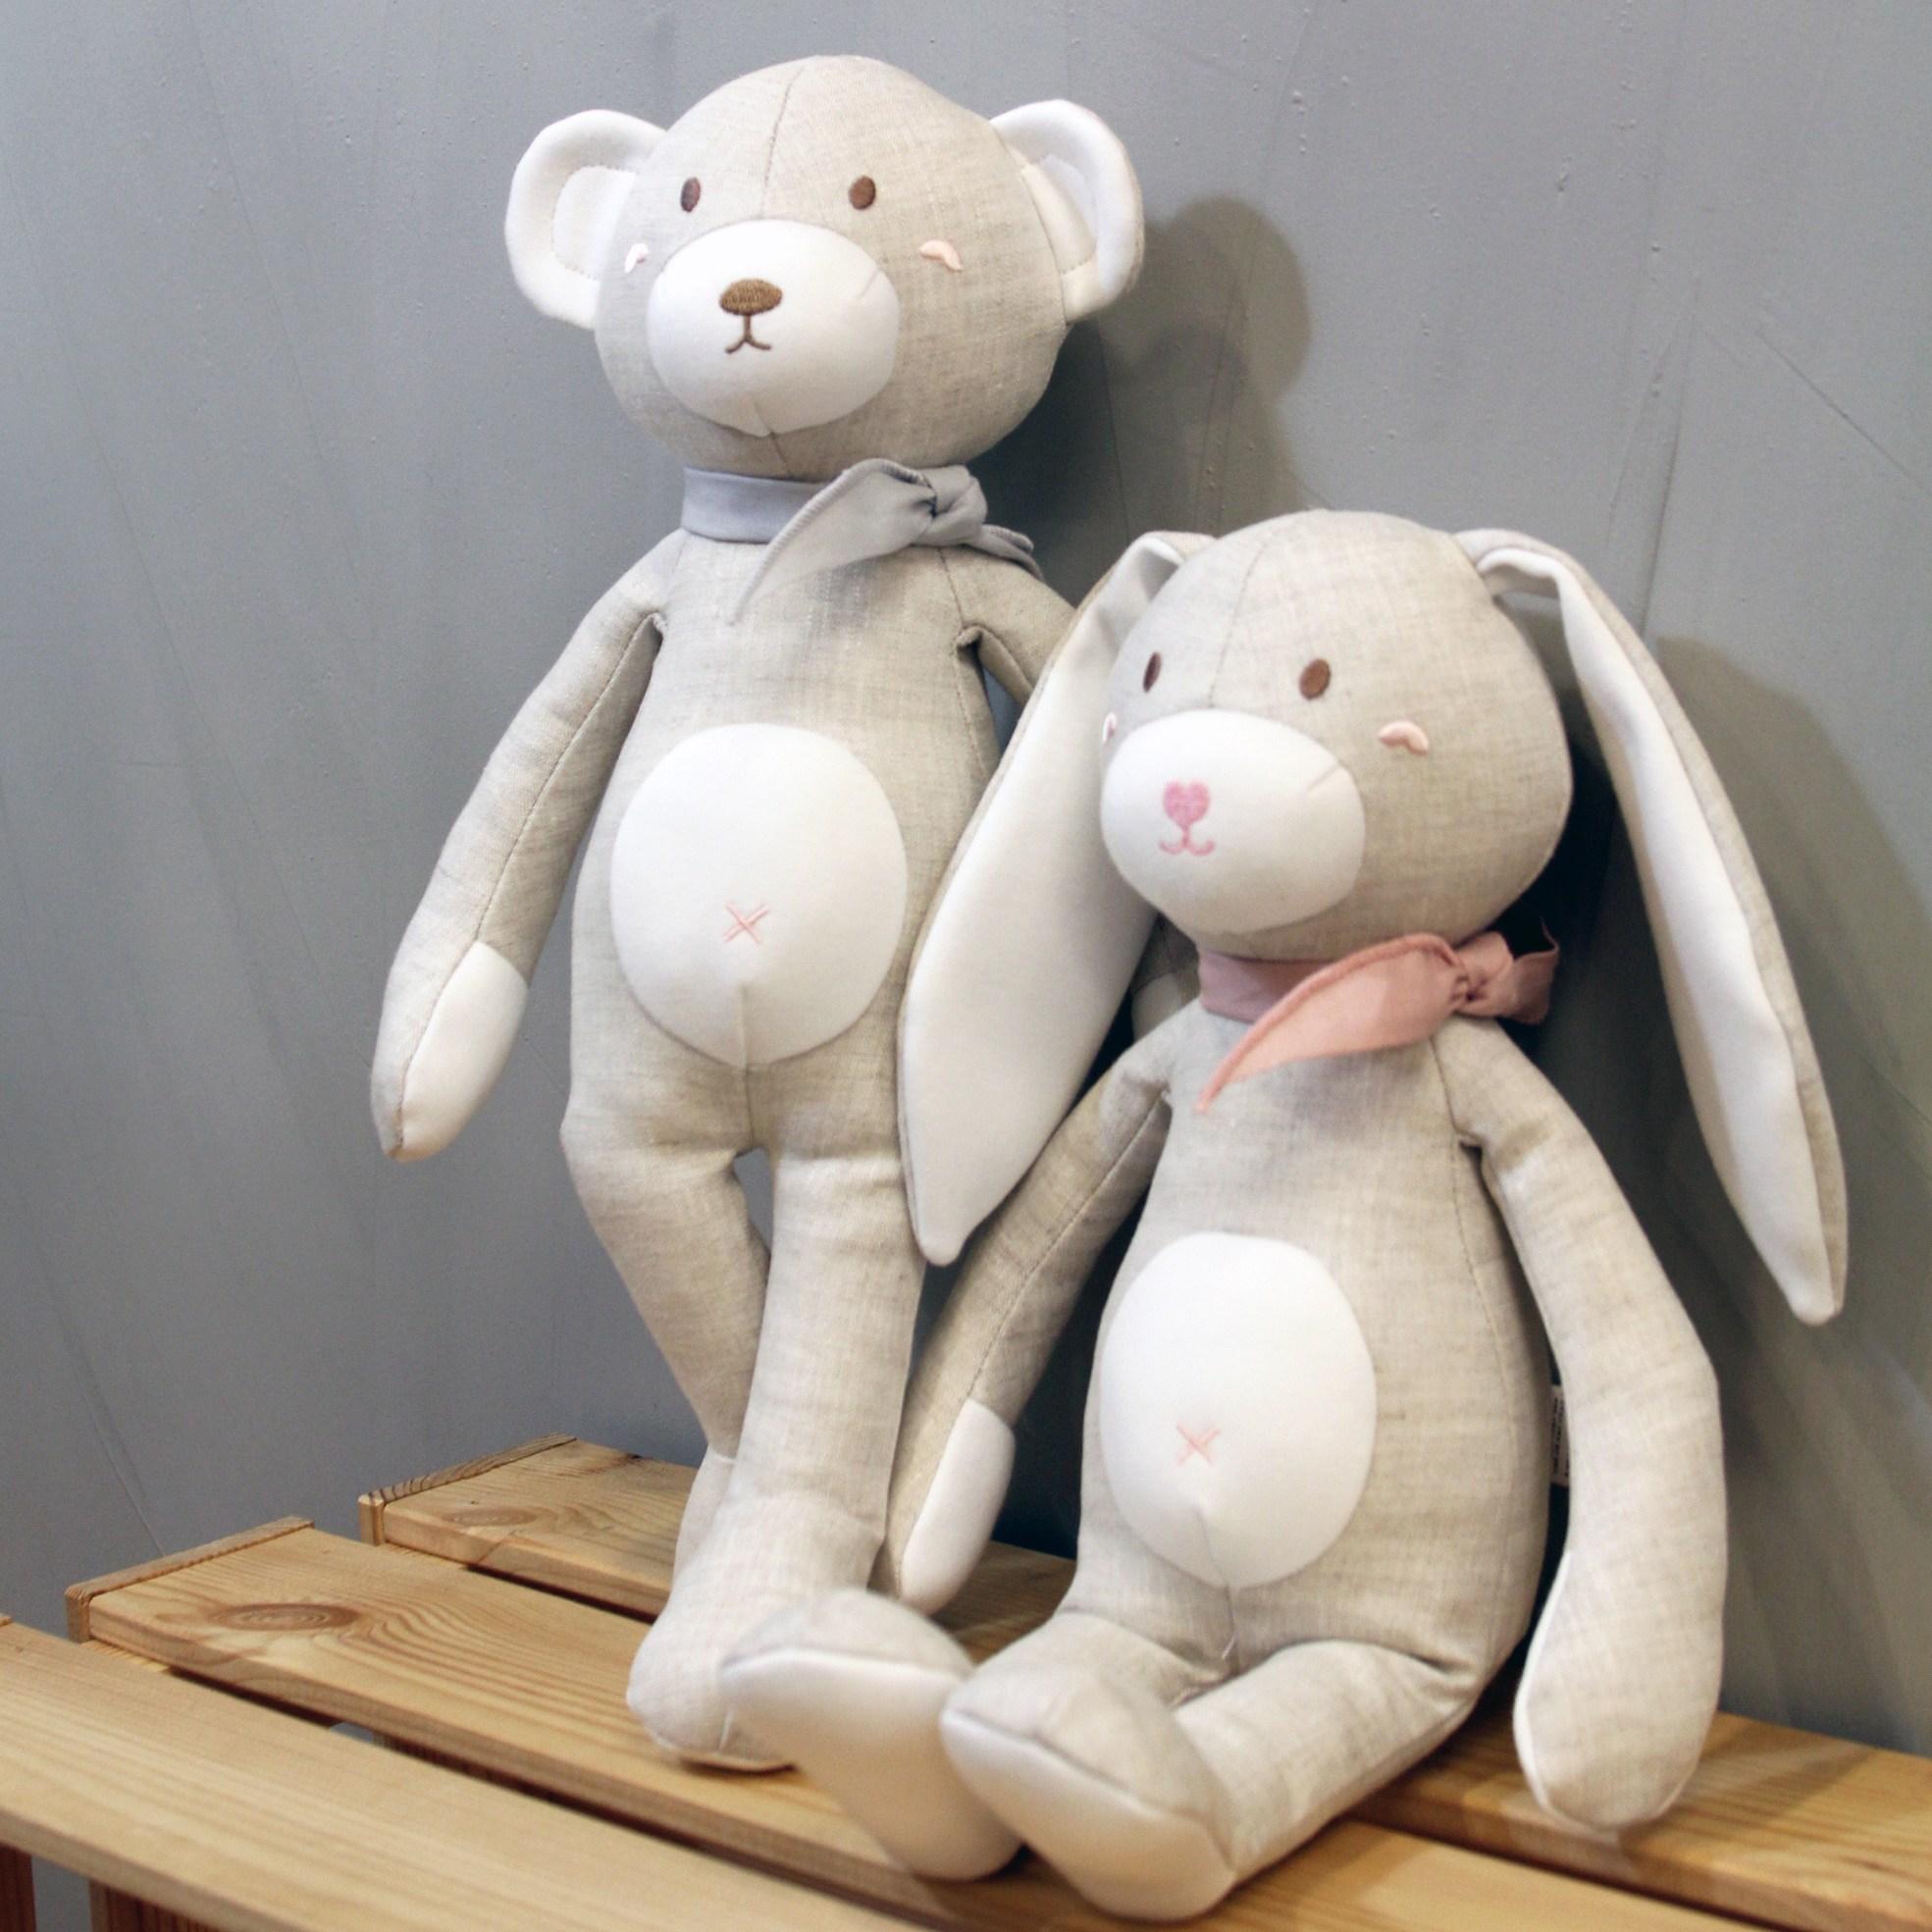 슈톨렌 린넨토이 애착인형 (곰돌이 토끼 35cm 2종 선택), 2. 토끼